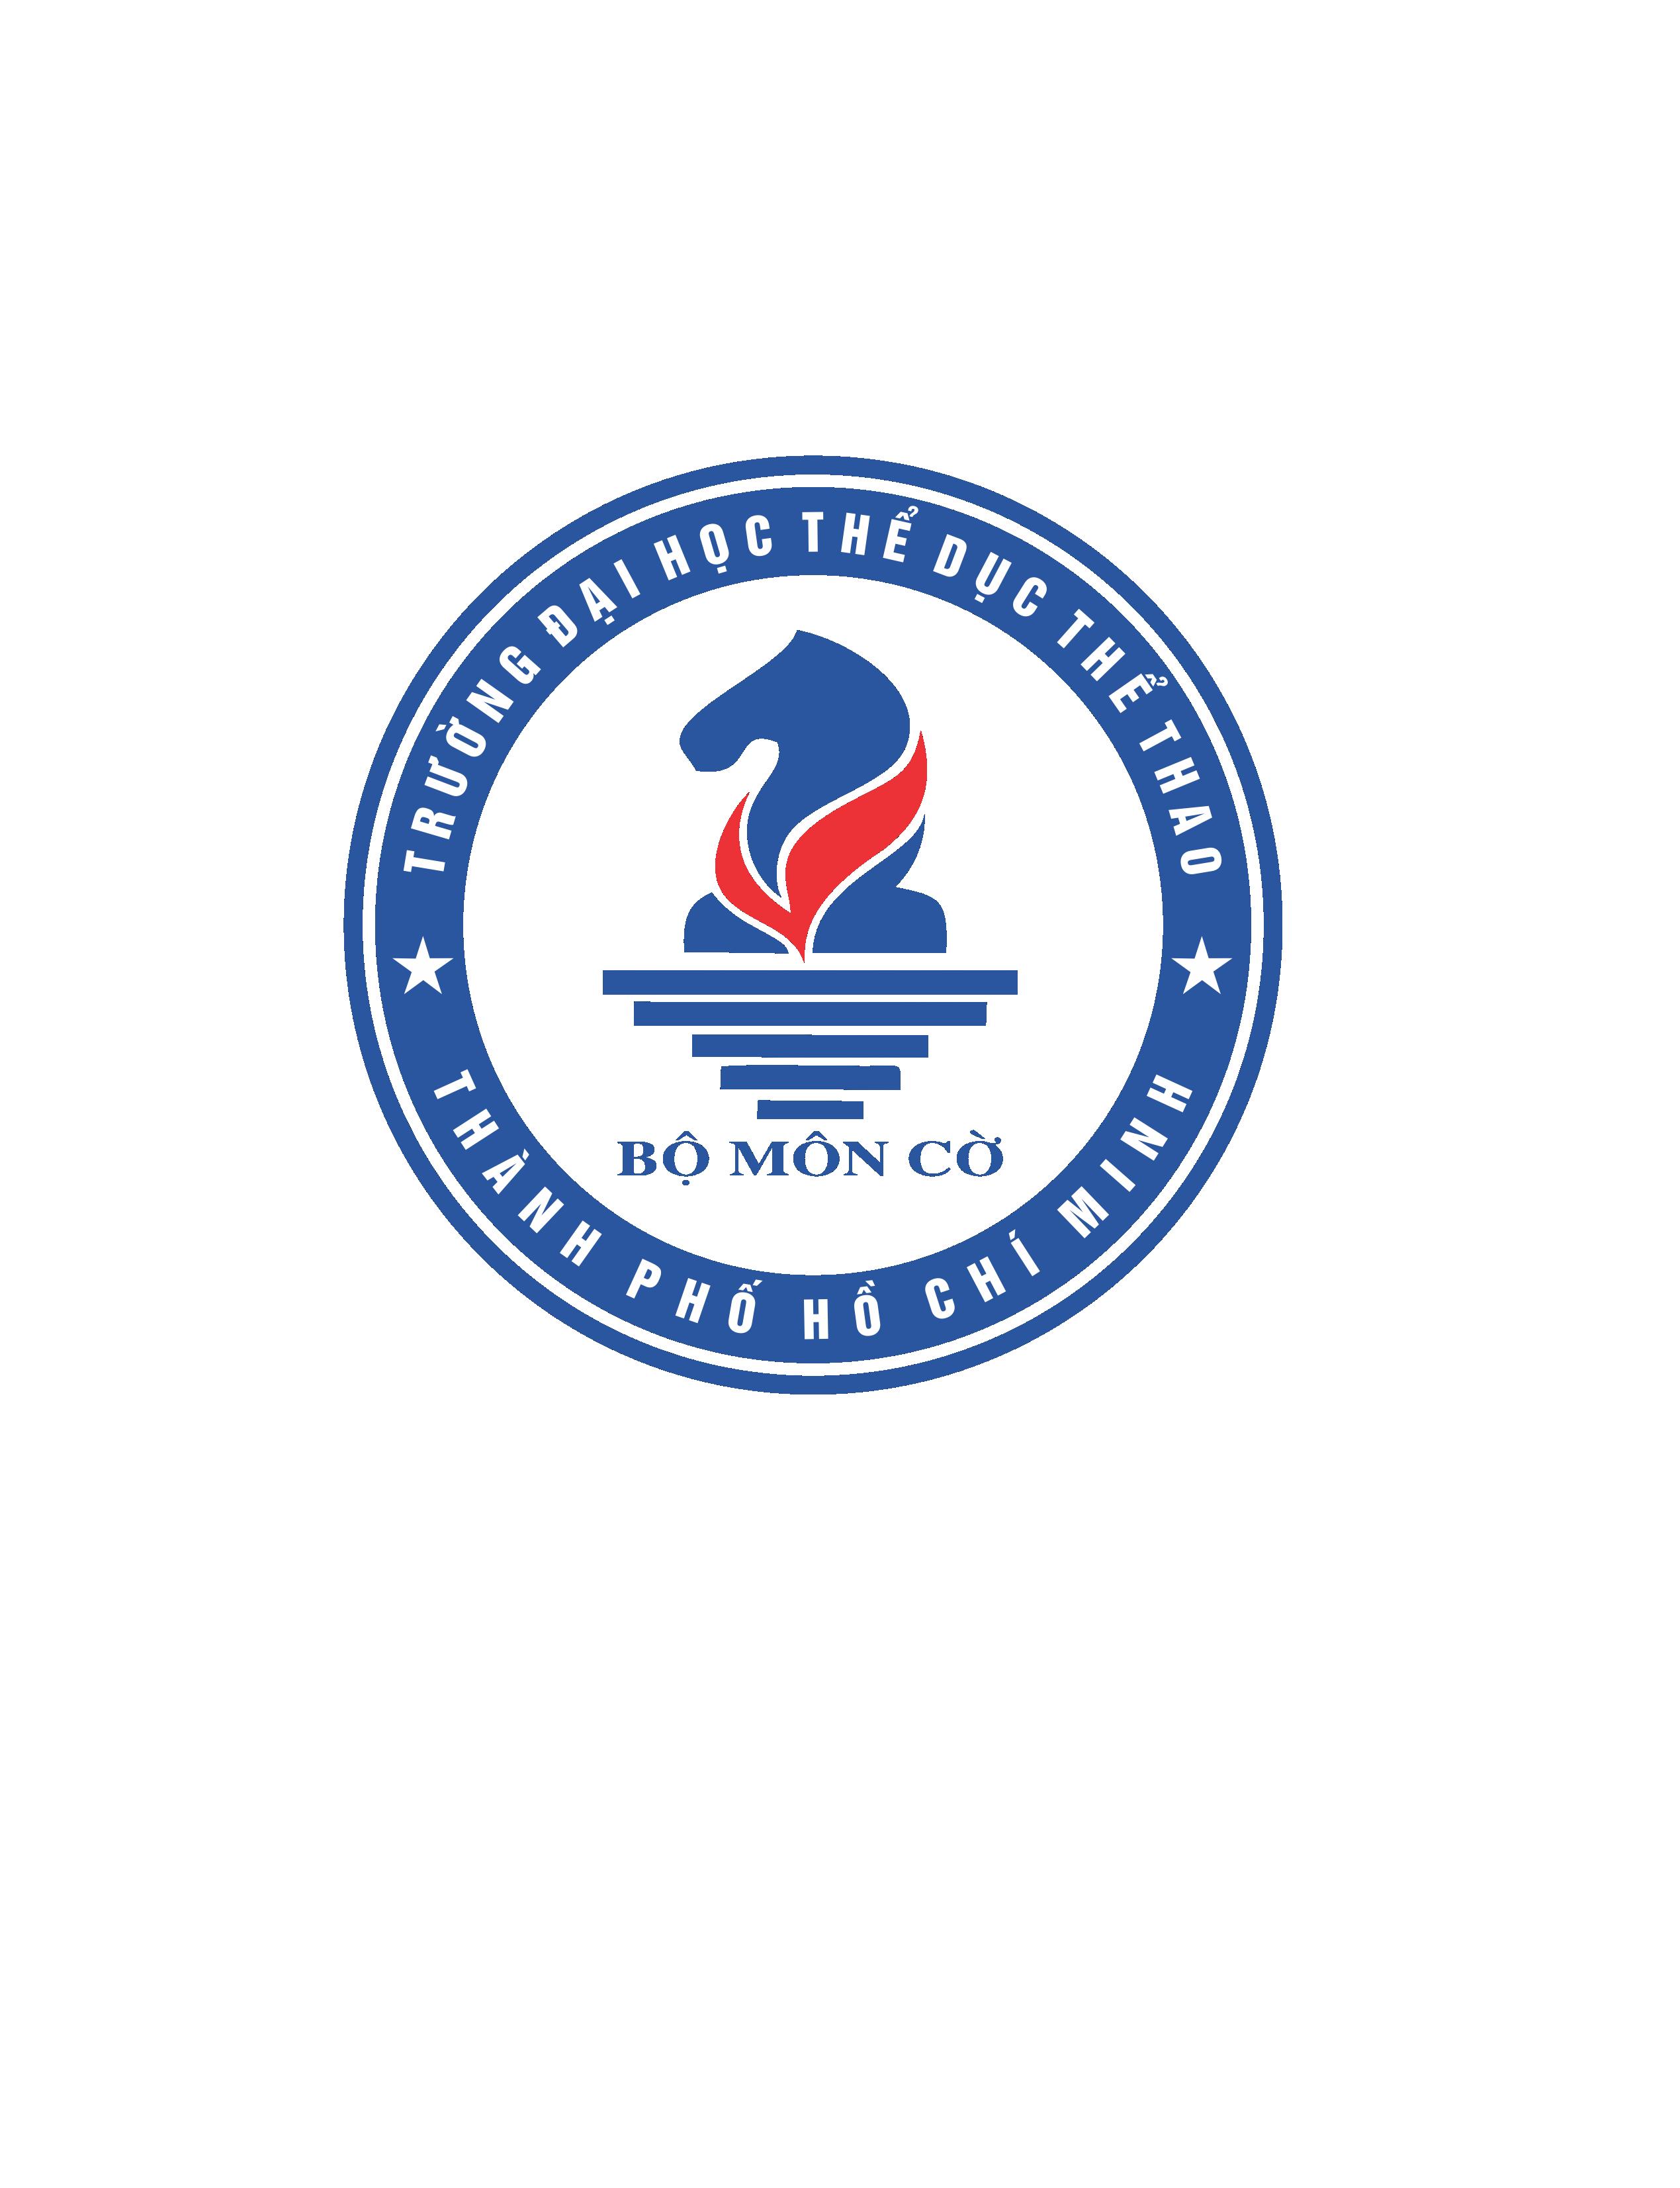 Trường Đại học TDTT TP. HCM – Tuyển sinh ngành cử nhân Cờ vua năm 2016